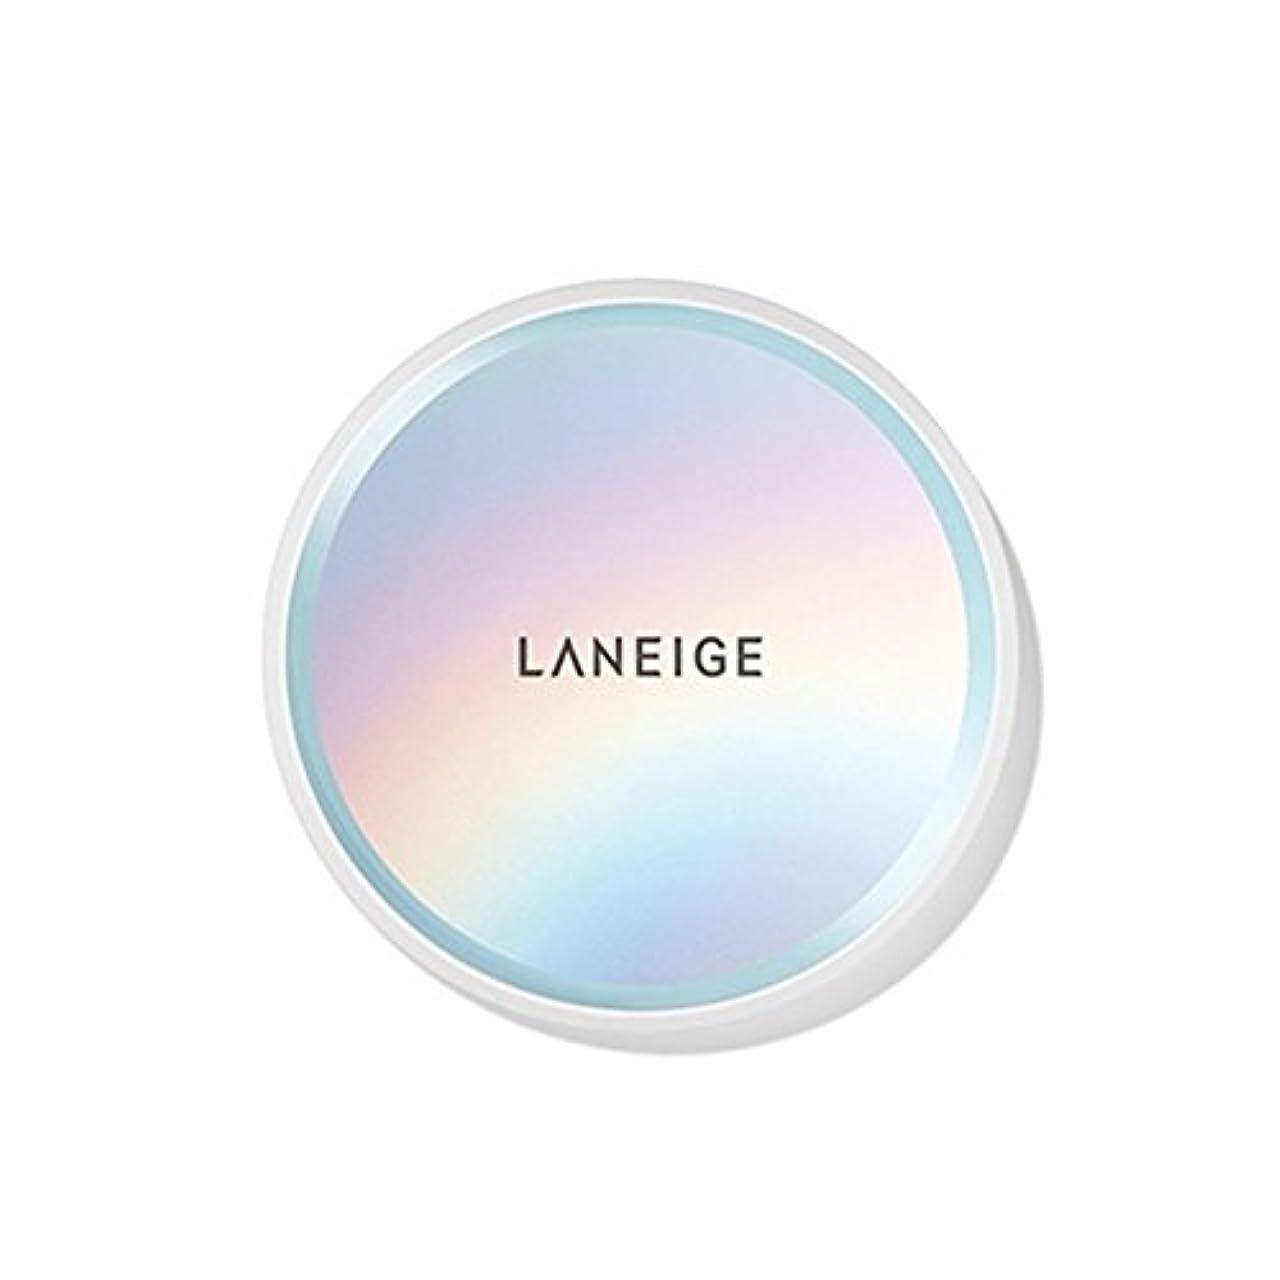 偏見ベールリボン【ラネージュ】 LANEIGE BB Cushion Pore Control BBクッションポアコントロール 【韓国直送品】 OOPSPANDA (4.No. 23 Sand)